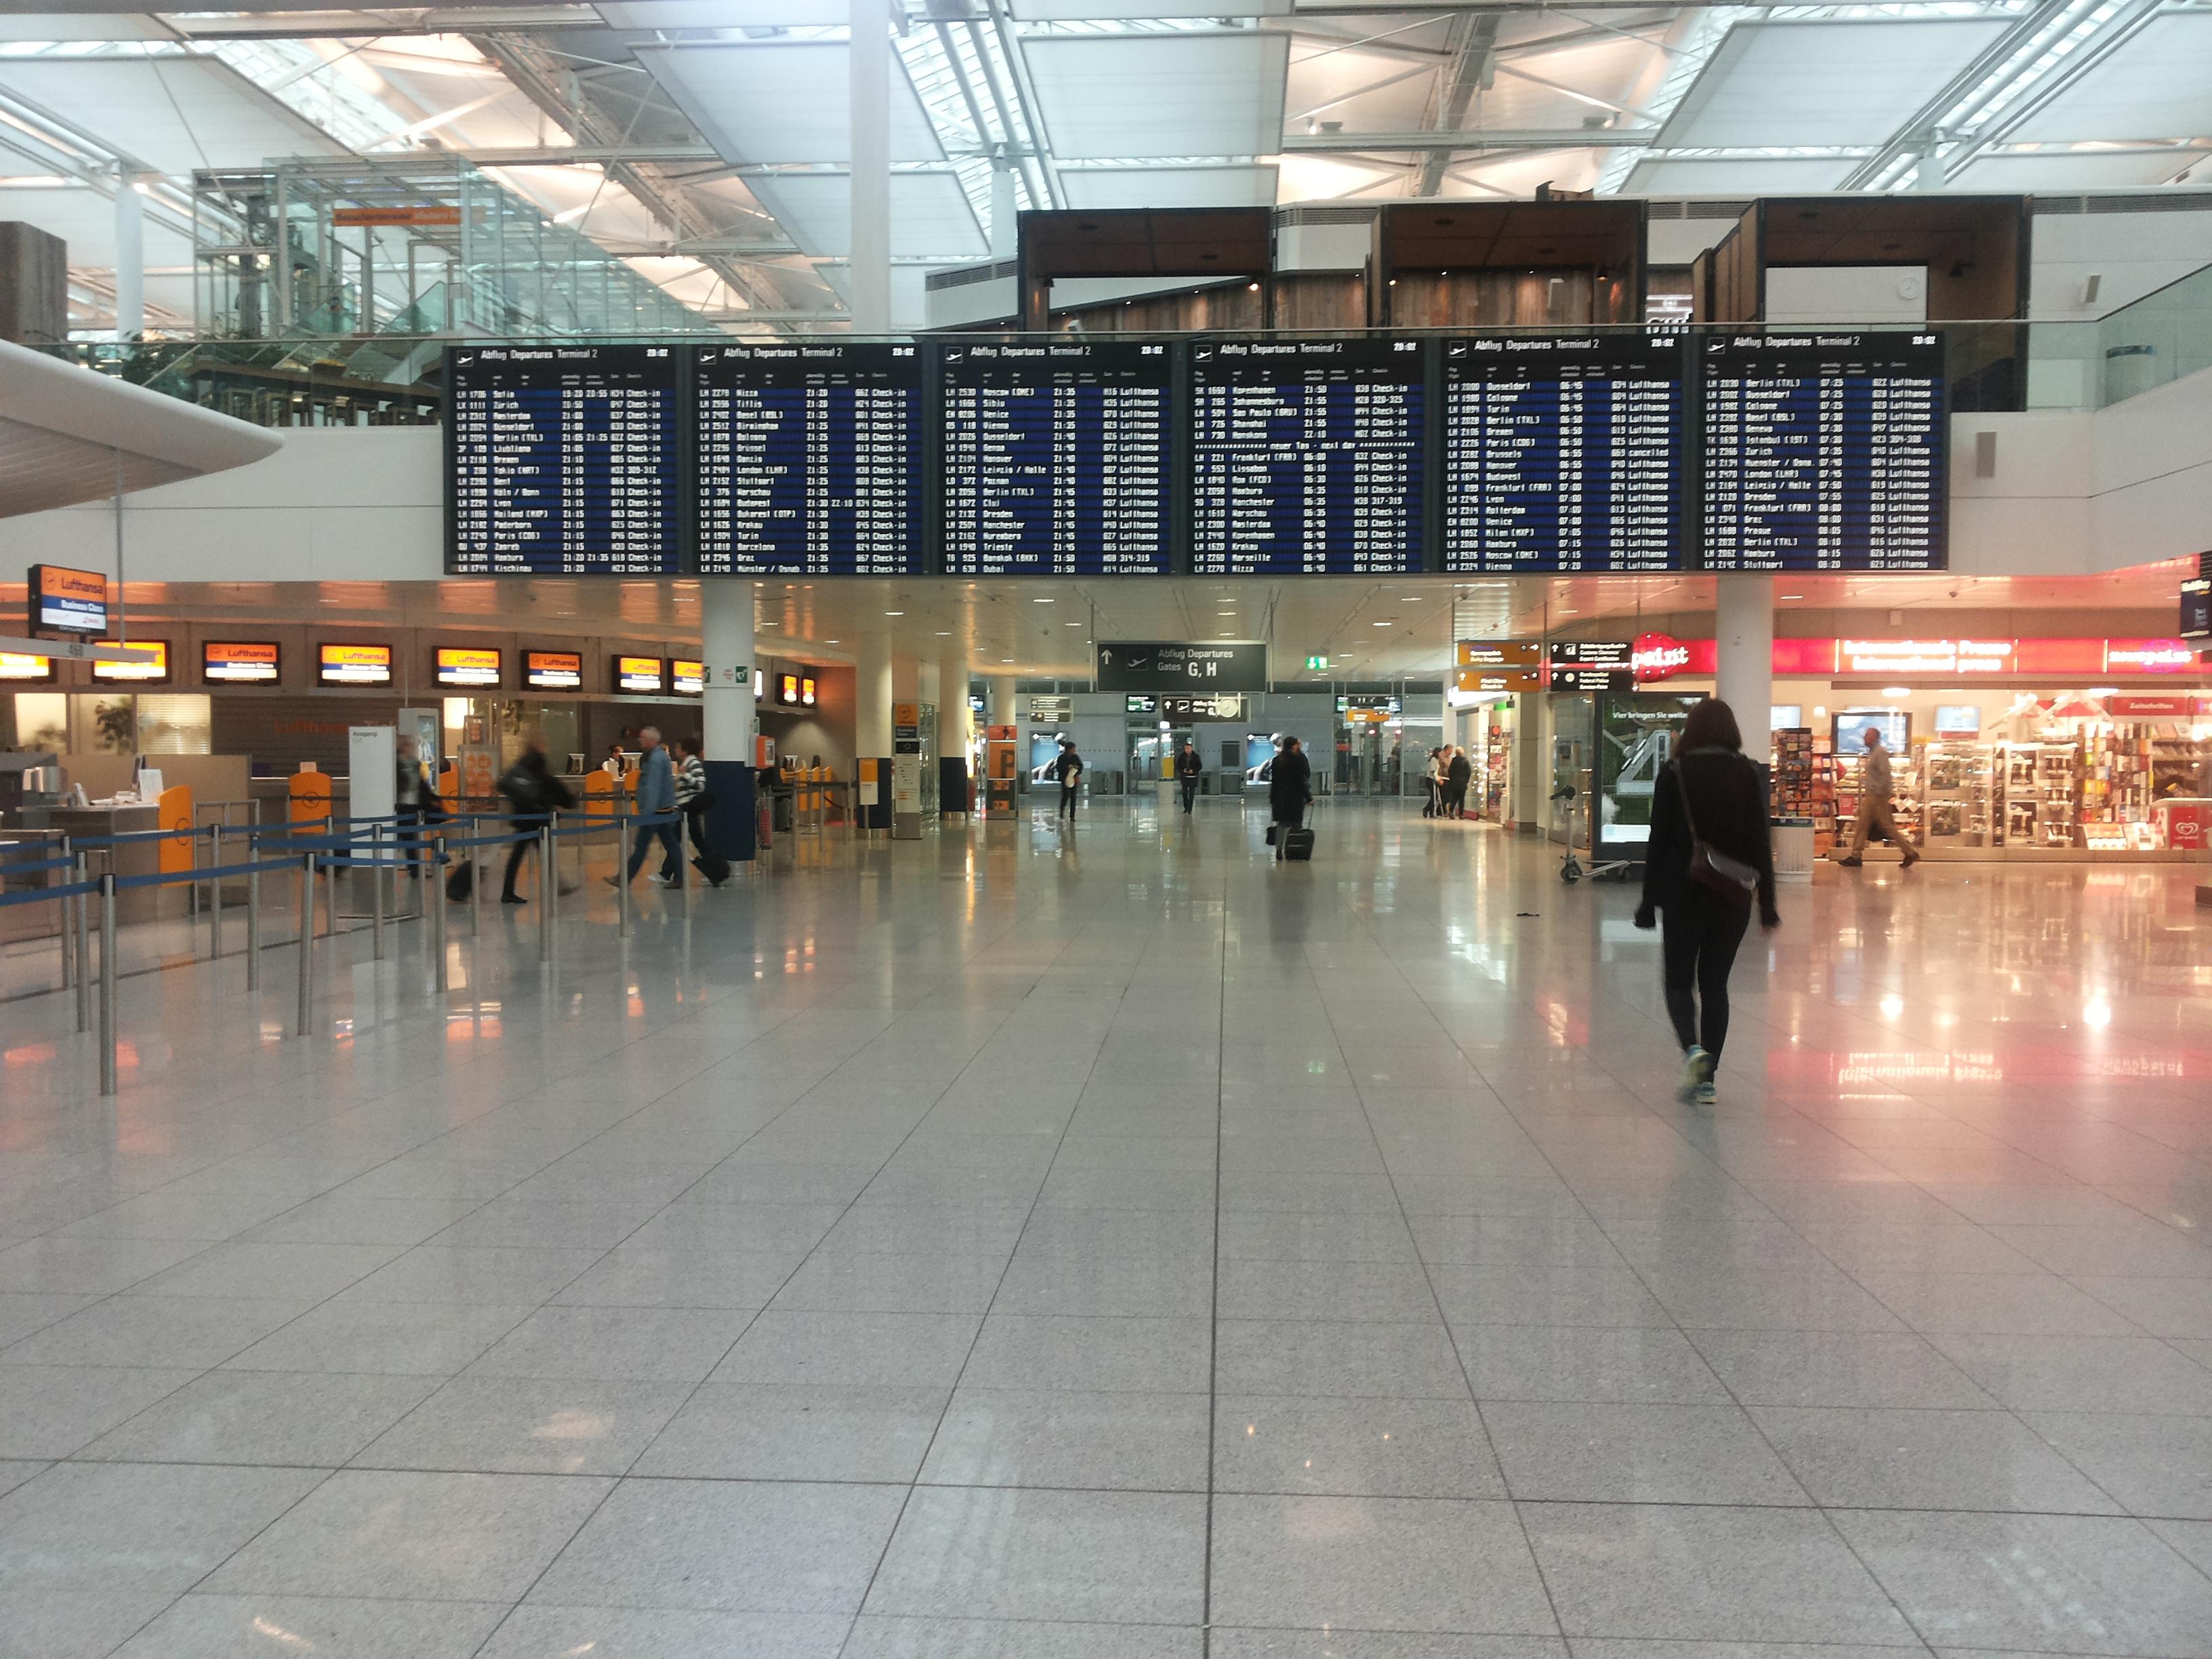 Bildergebnis für Wikimedia Commons Bilder München Flughafen Ankunft